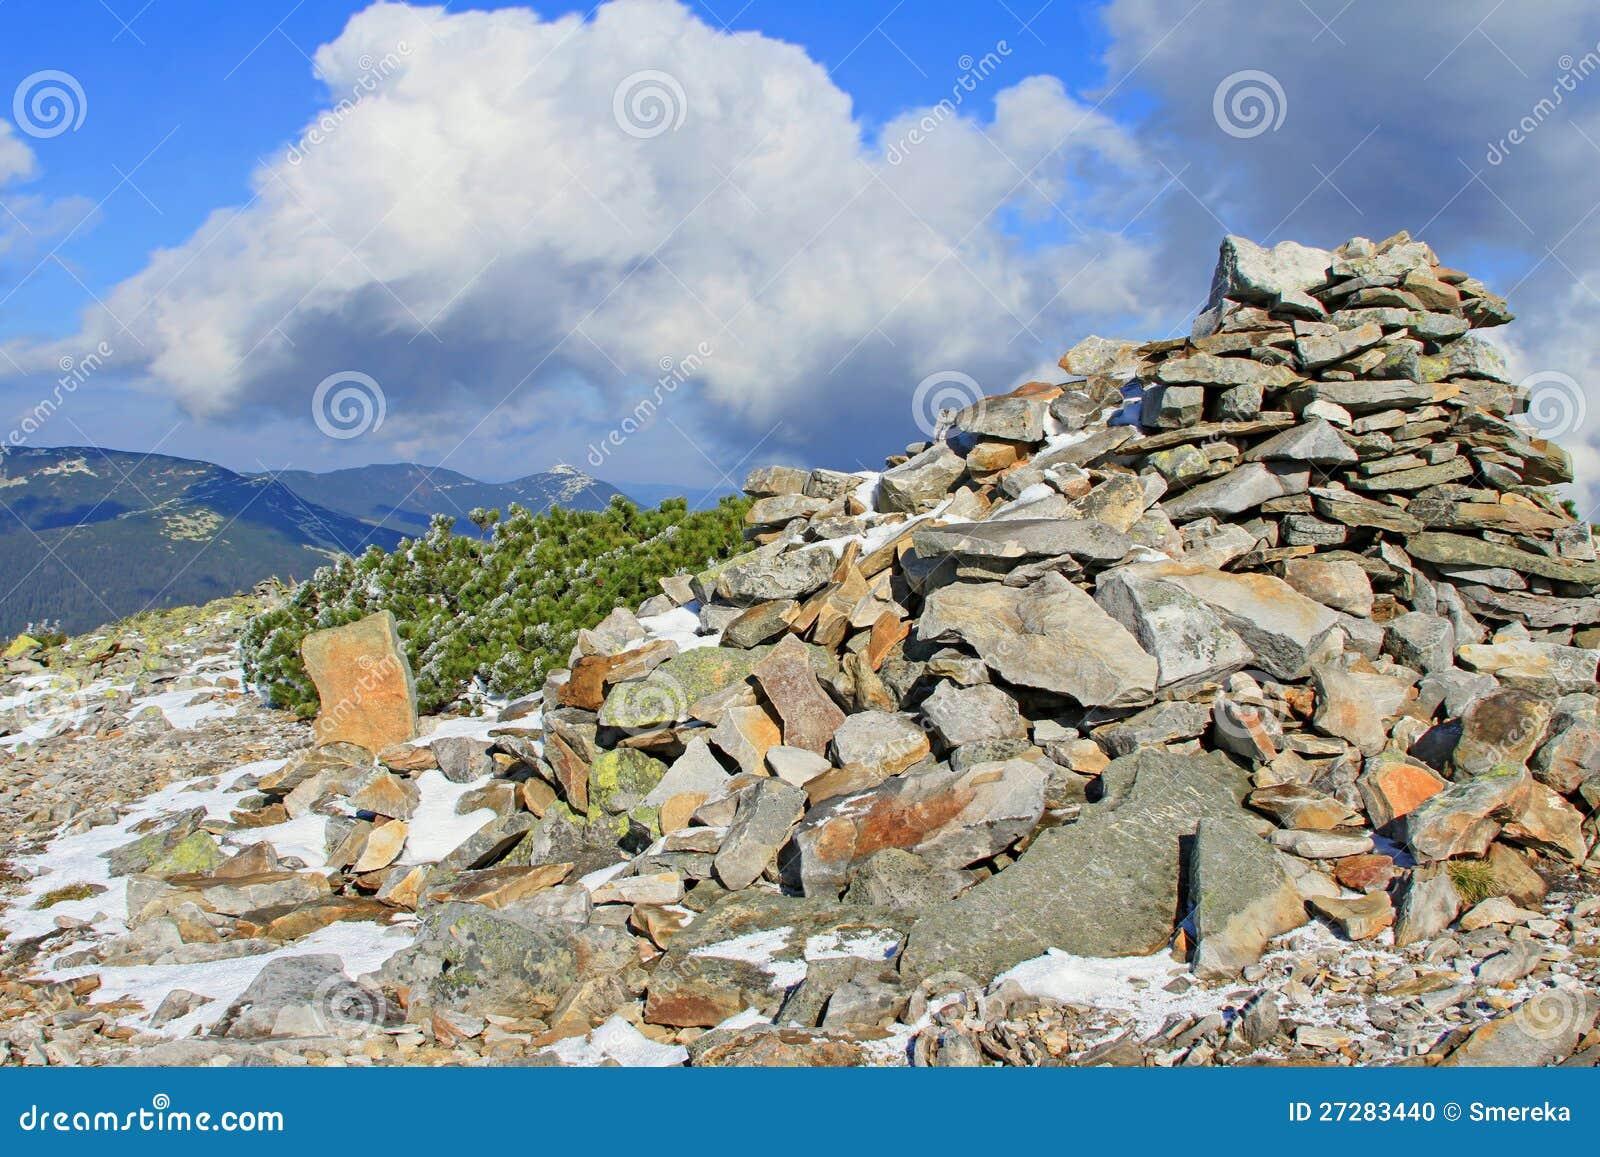 De första insnöade bergen